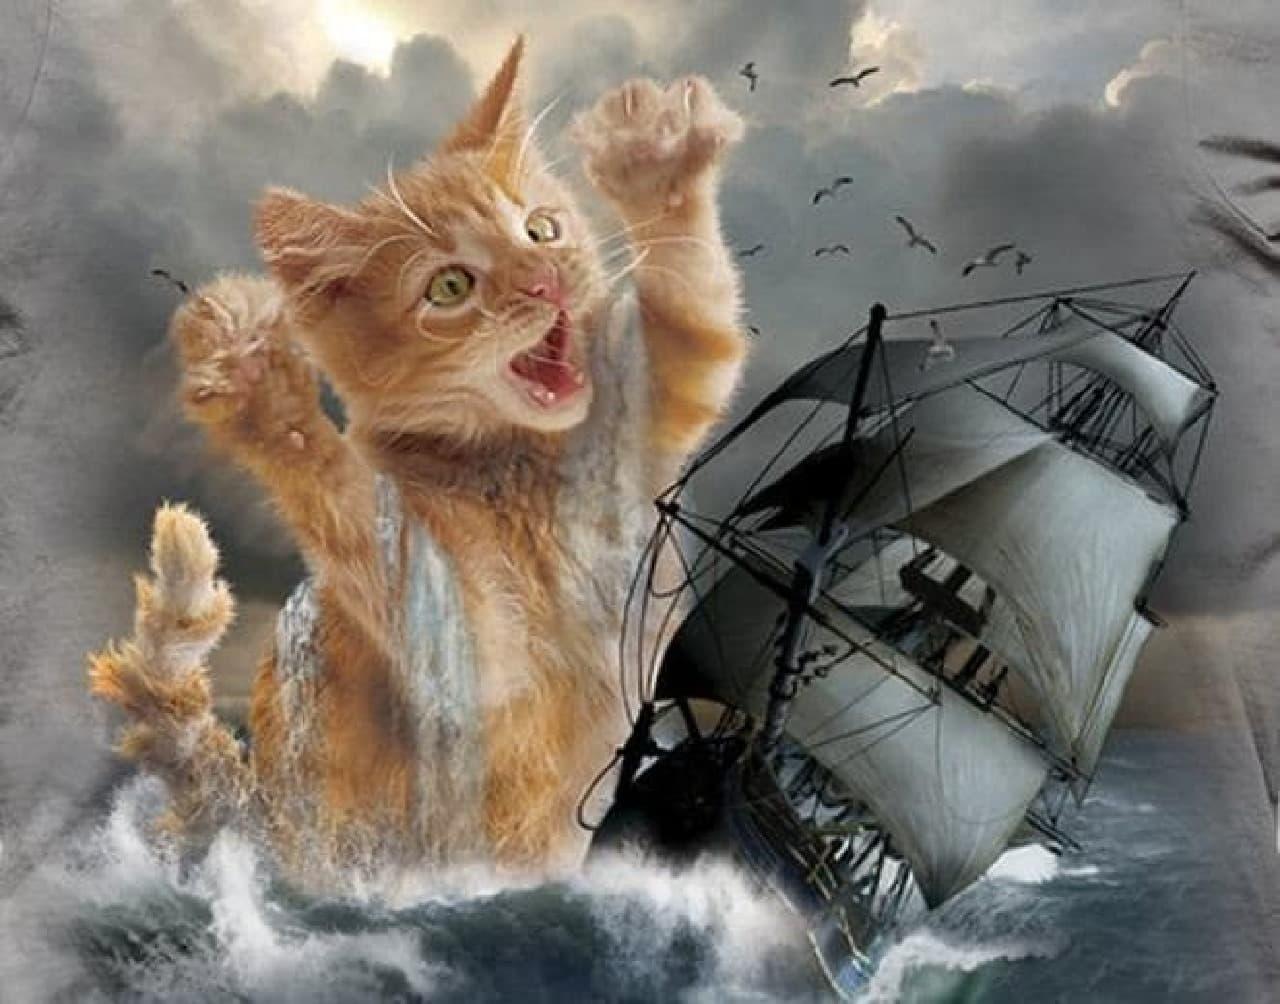 「Kitten Kraken」はクオリティ高め  というか、もはやアート?